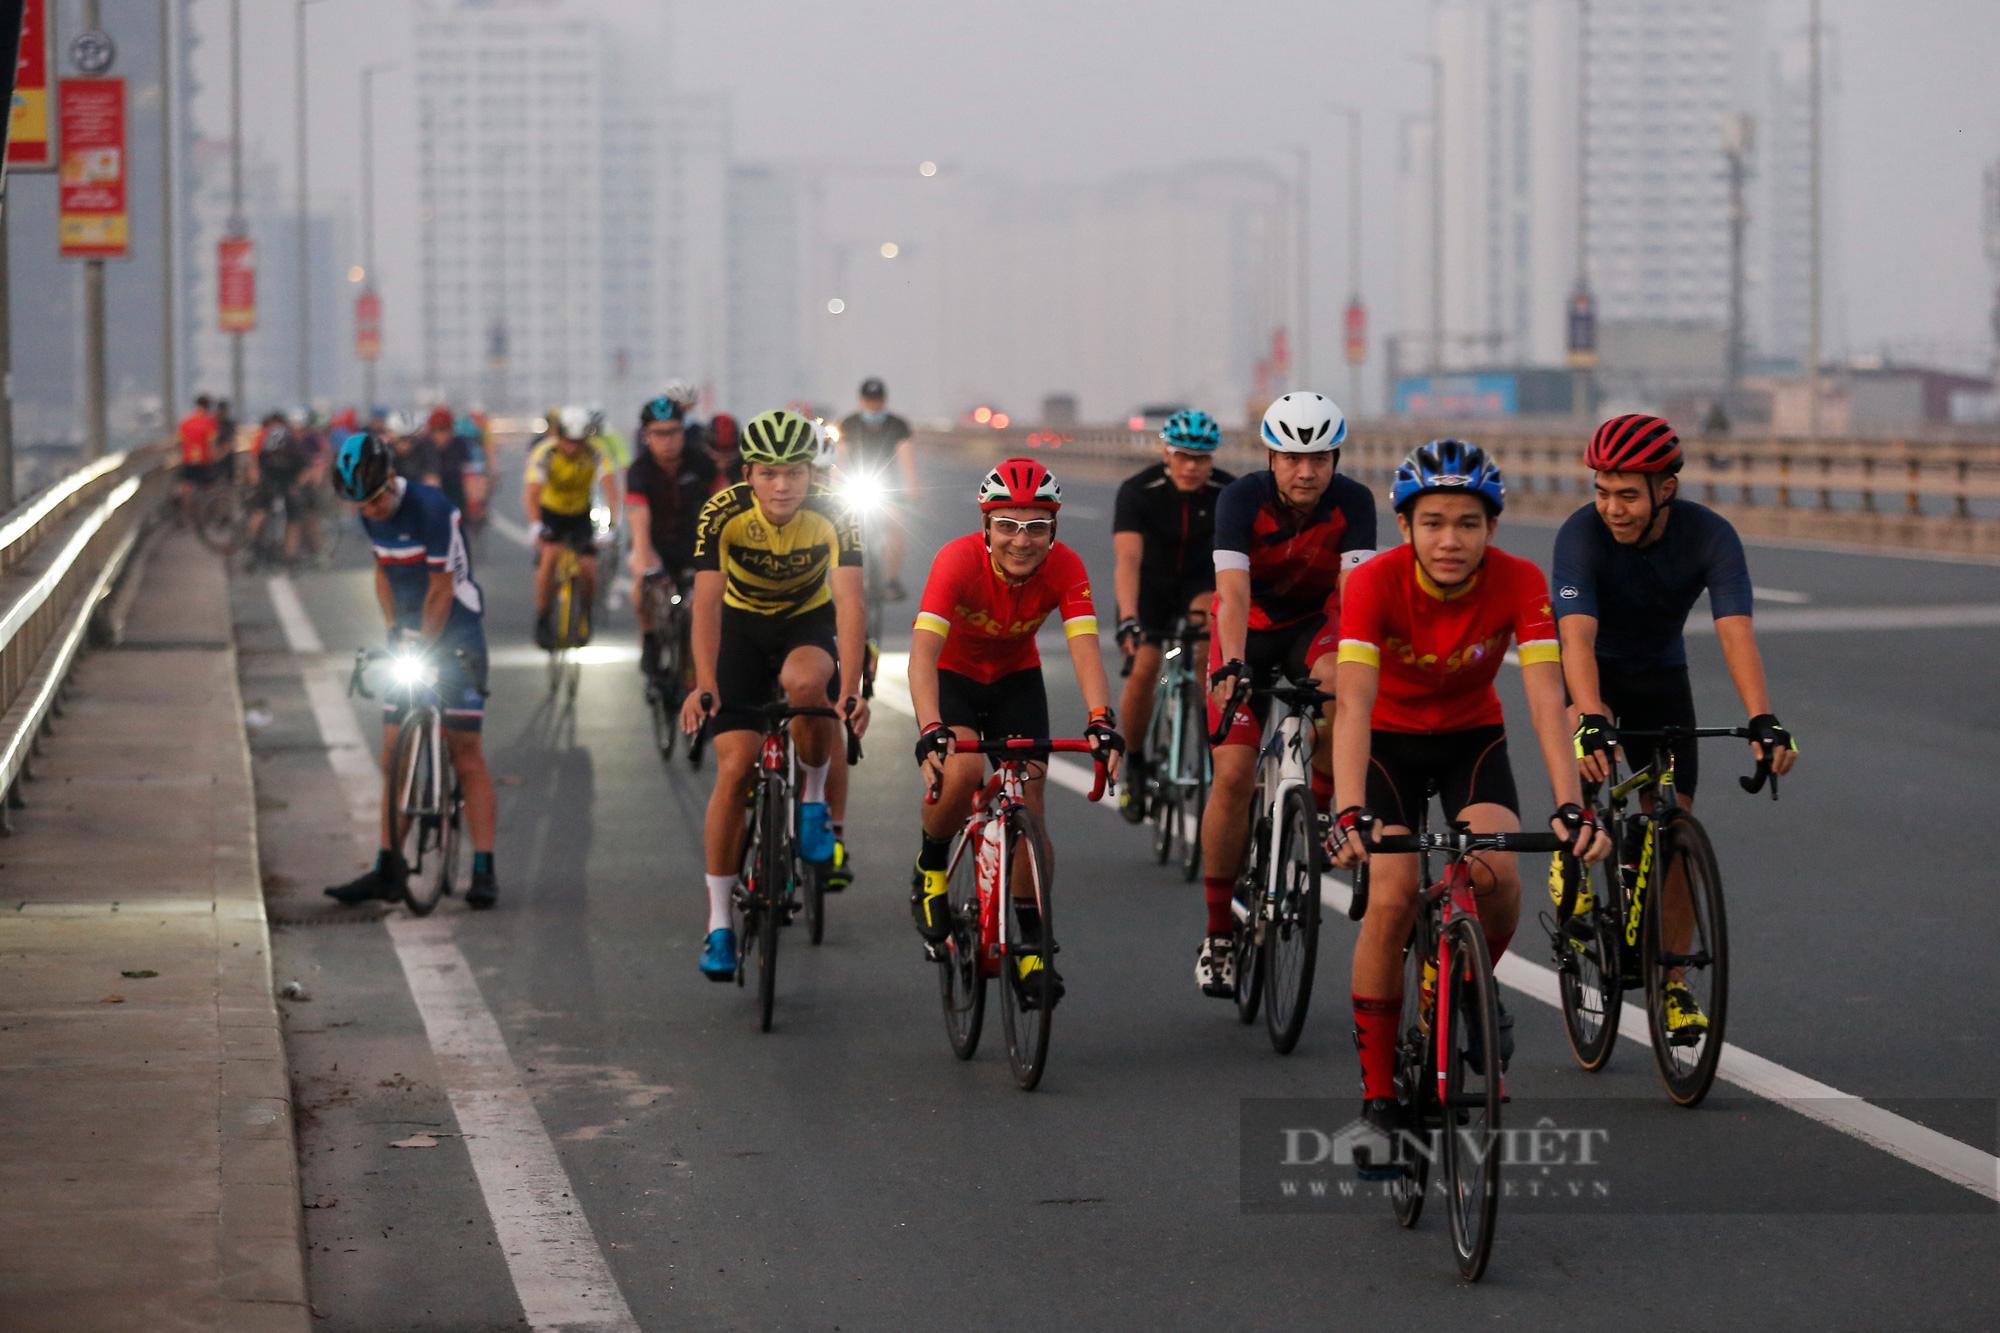 Người Hà Nội mở đường đua xe đạp sau khi nới lỏng giãn cách - Ảnh 4.